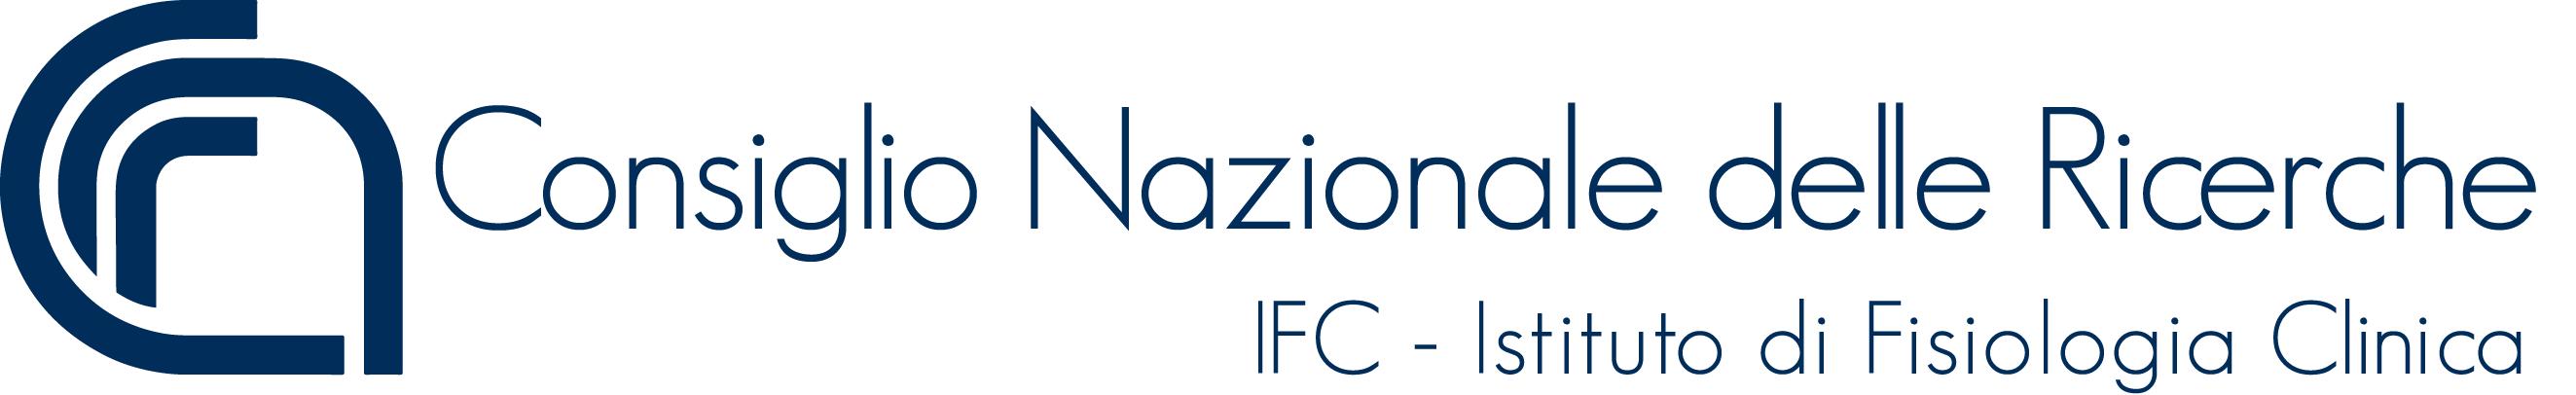 CNR Consiglio Nazionale delle Ricerche - IFC Istituto di Fisiologia Clinica